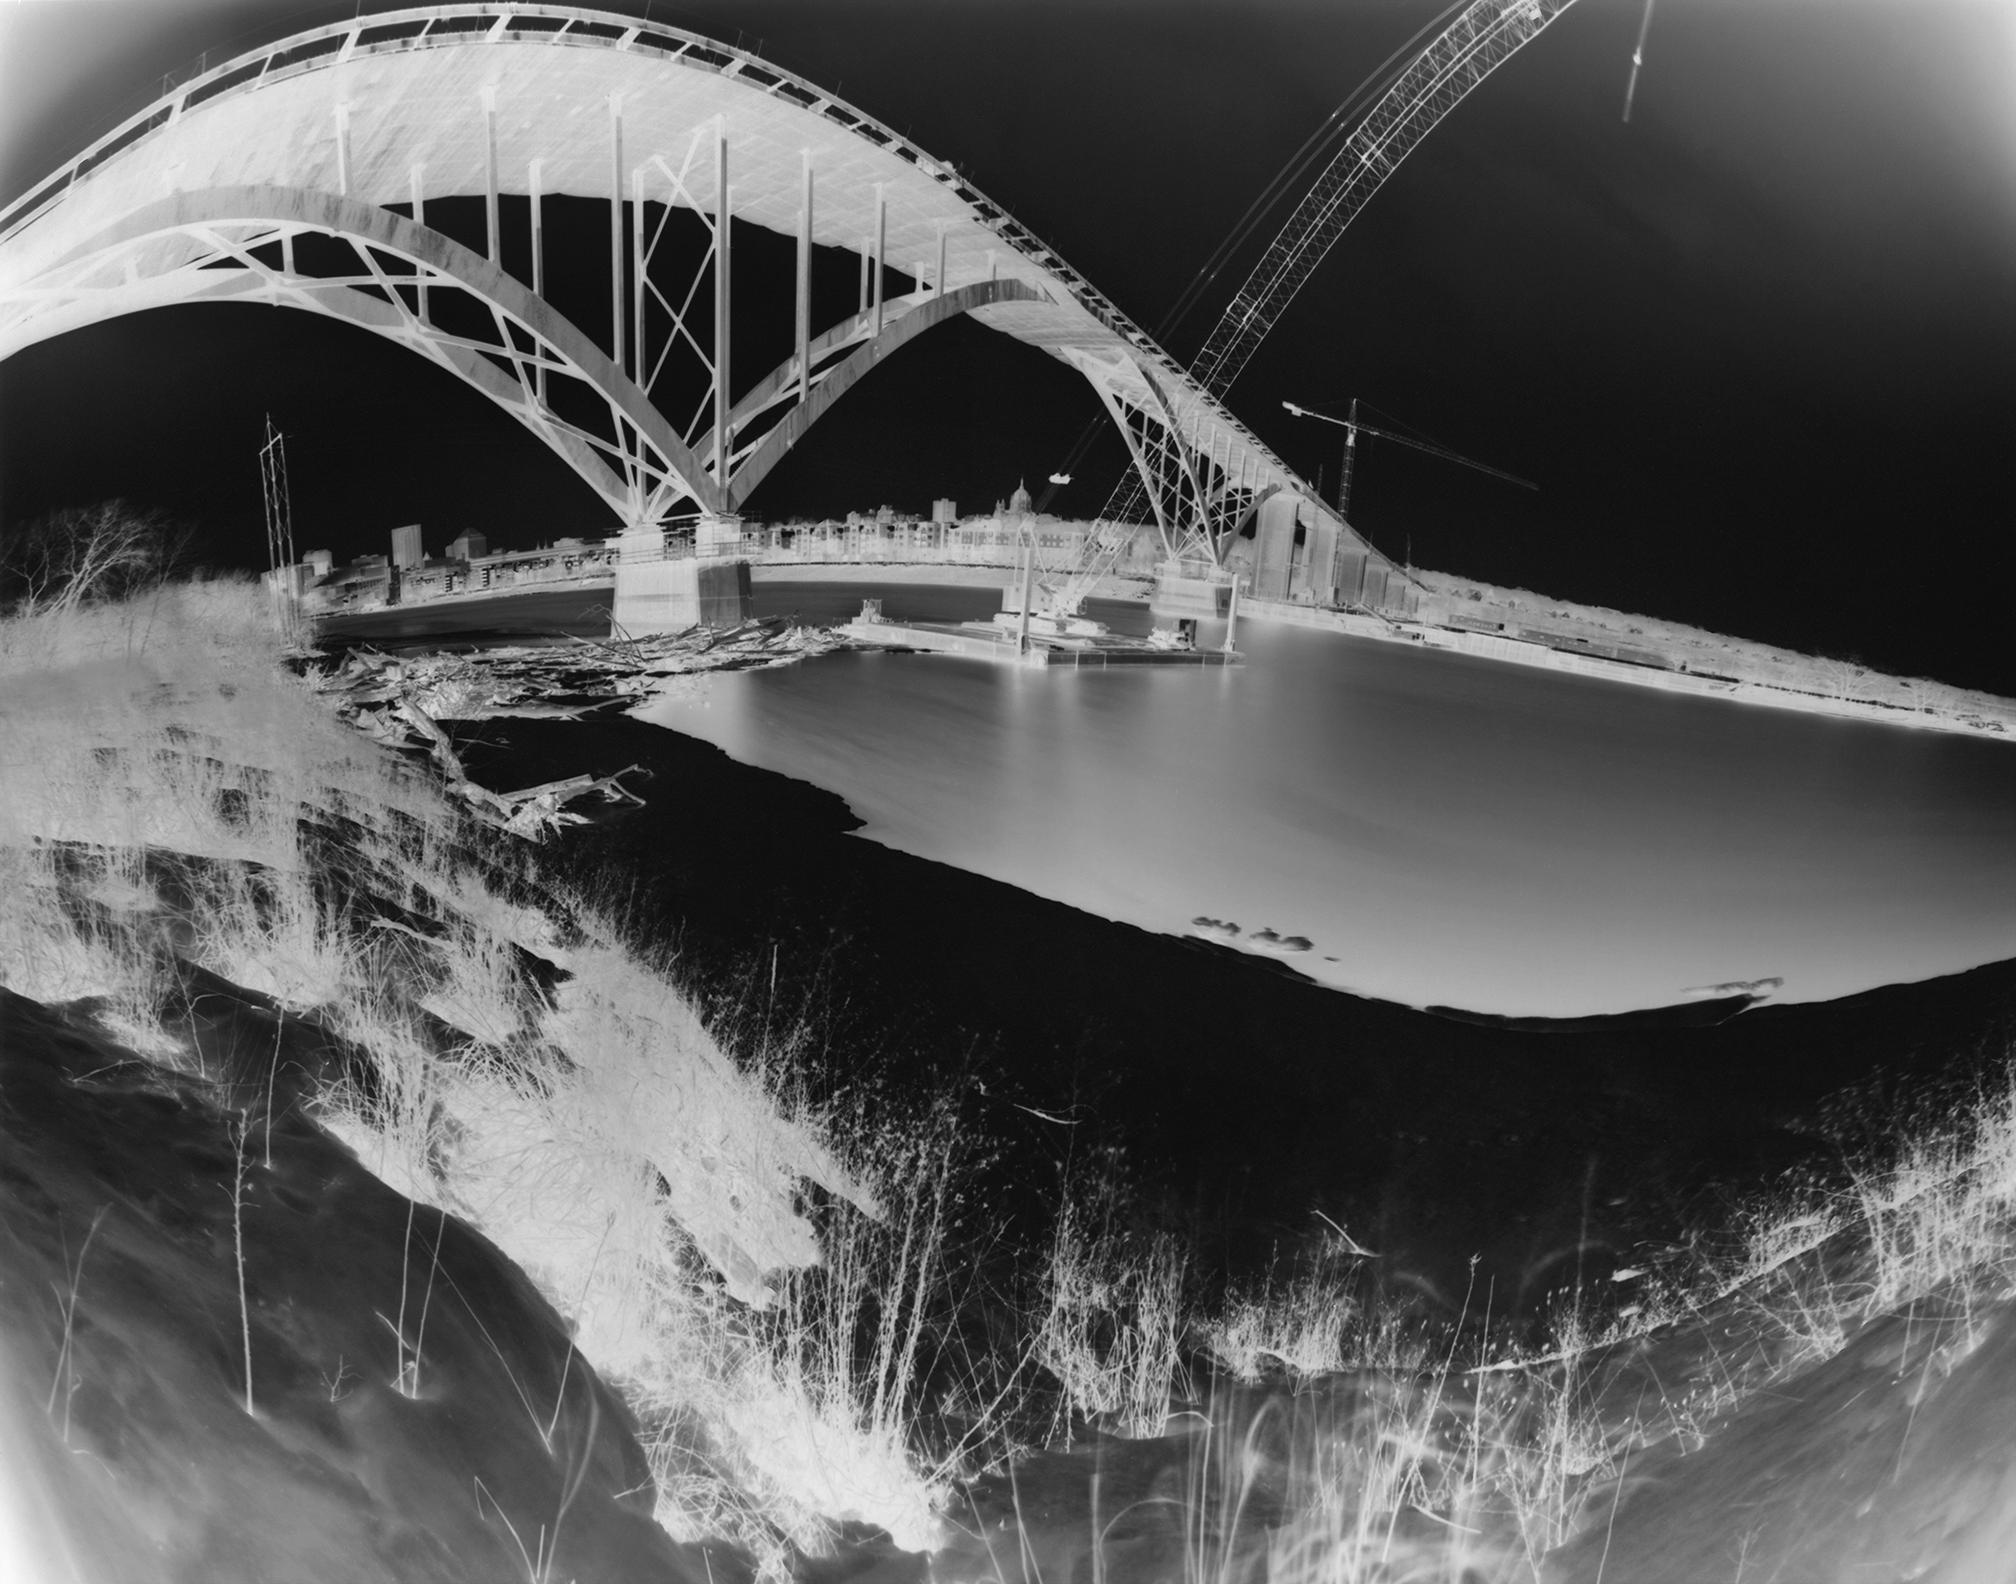 High Bridge: a photograph of the High Bridge in Saint Paul